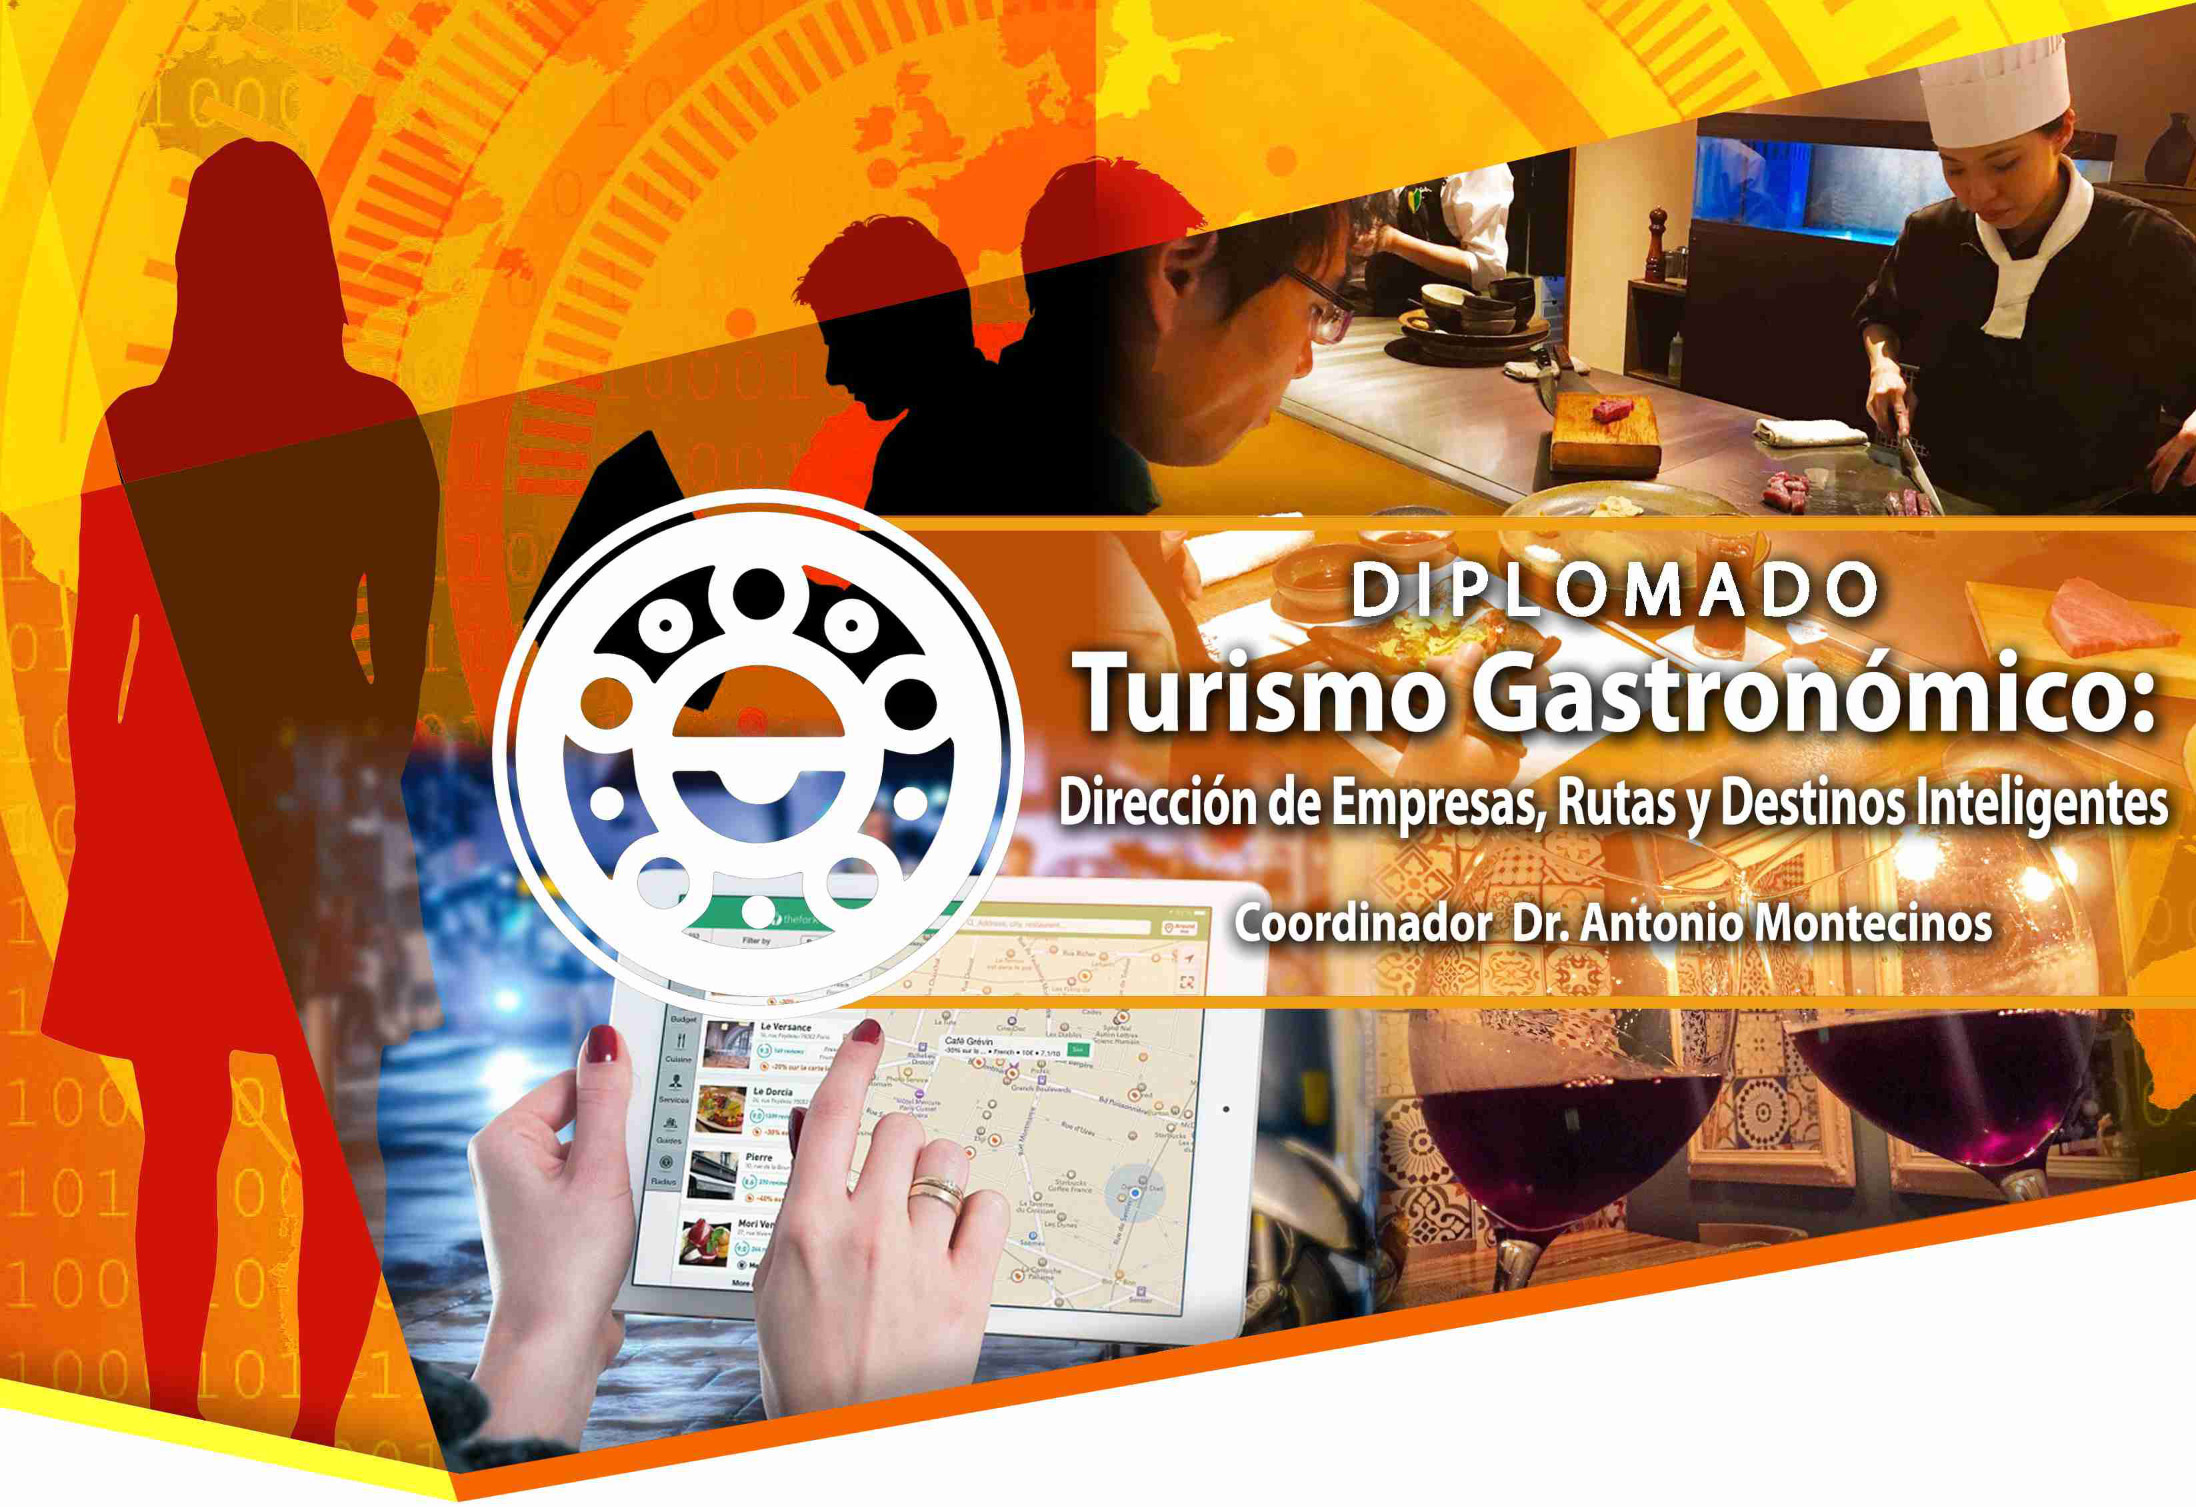 Turismo Gastronómico: dirección de empresas, rutas y destinos inteligentes